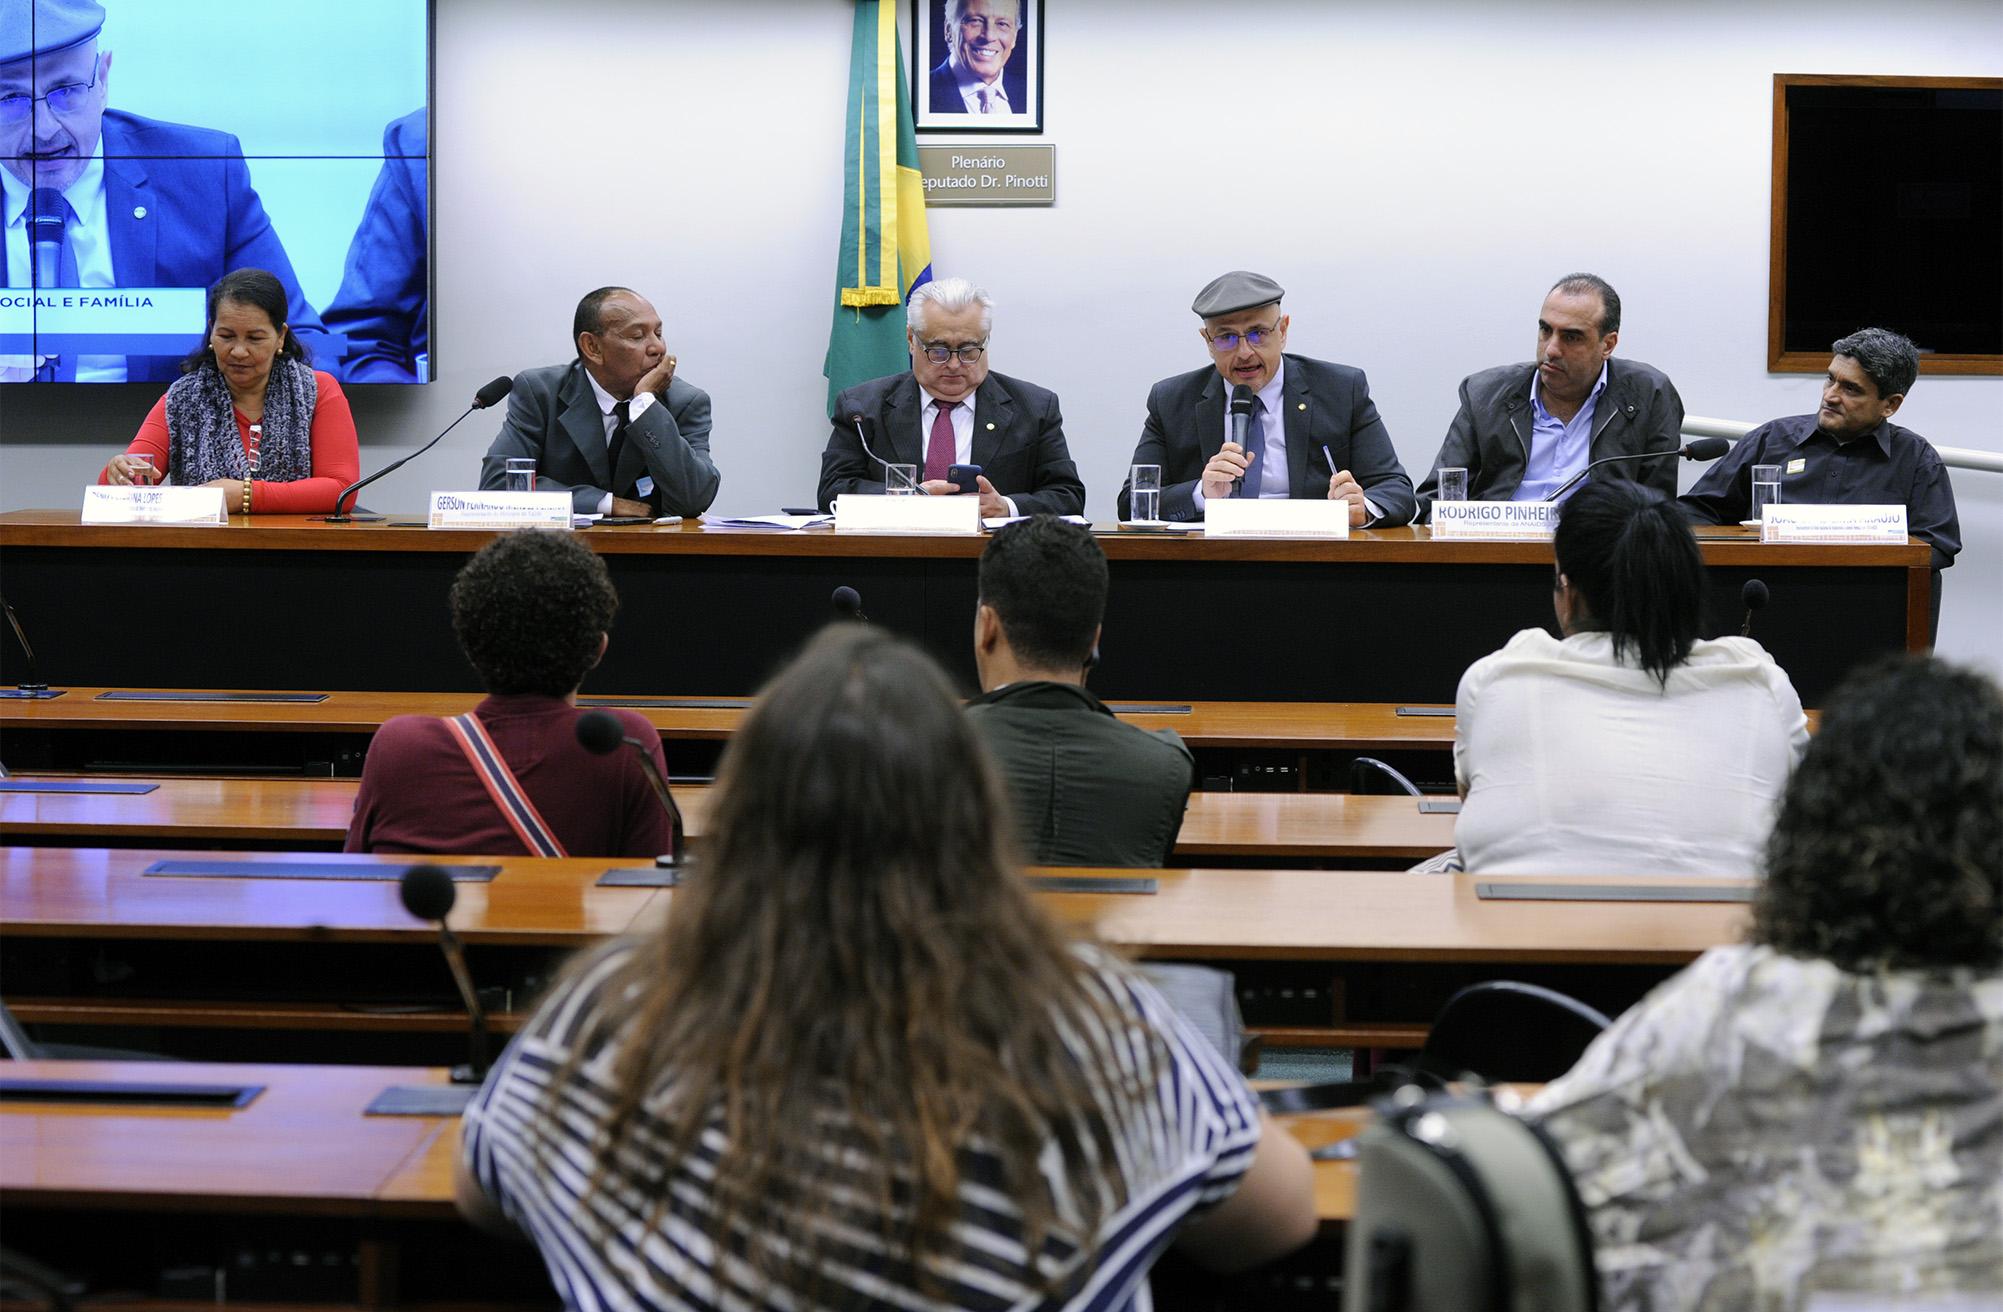 Audiência pública para debater os Impactos da Portaria n° 3.992/2017, nas Políticas de AIDS